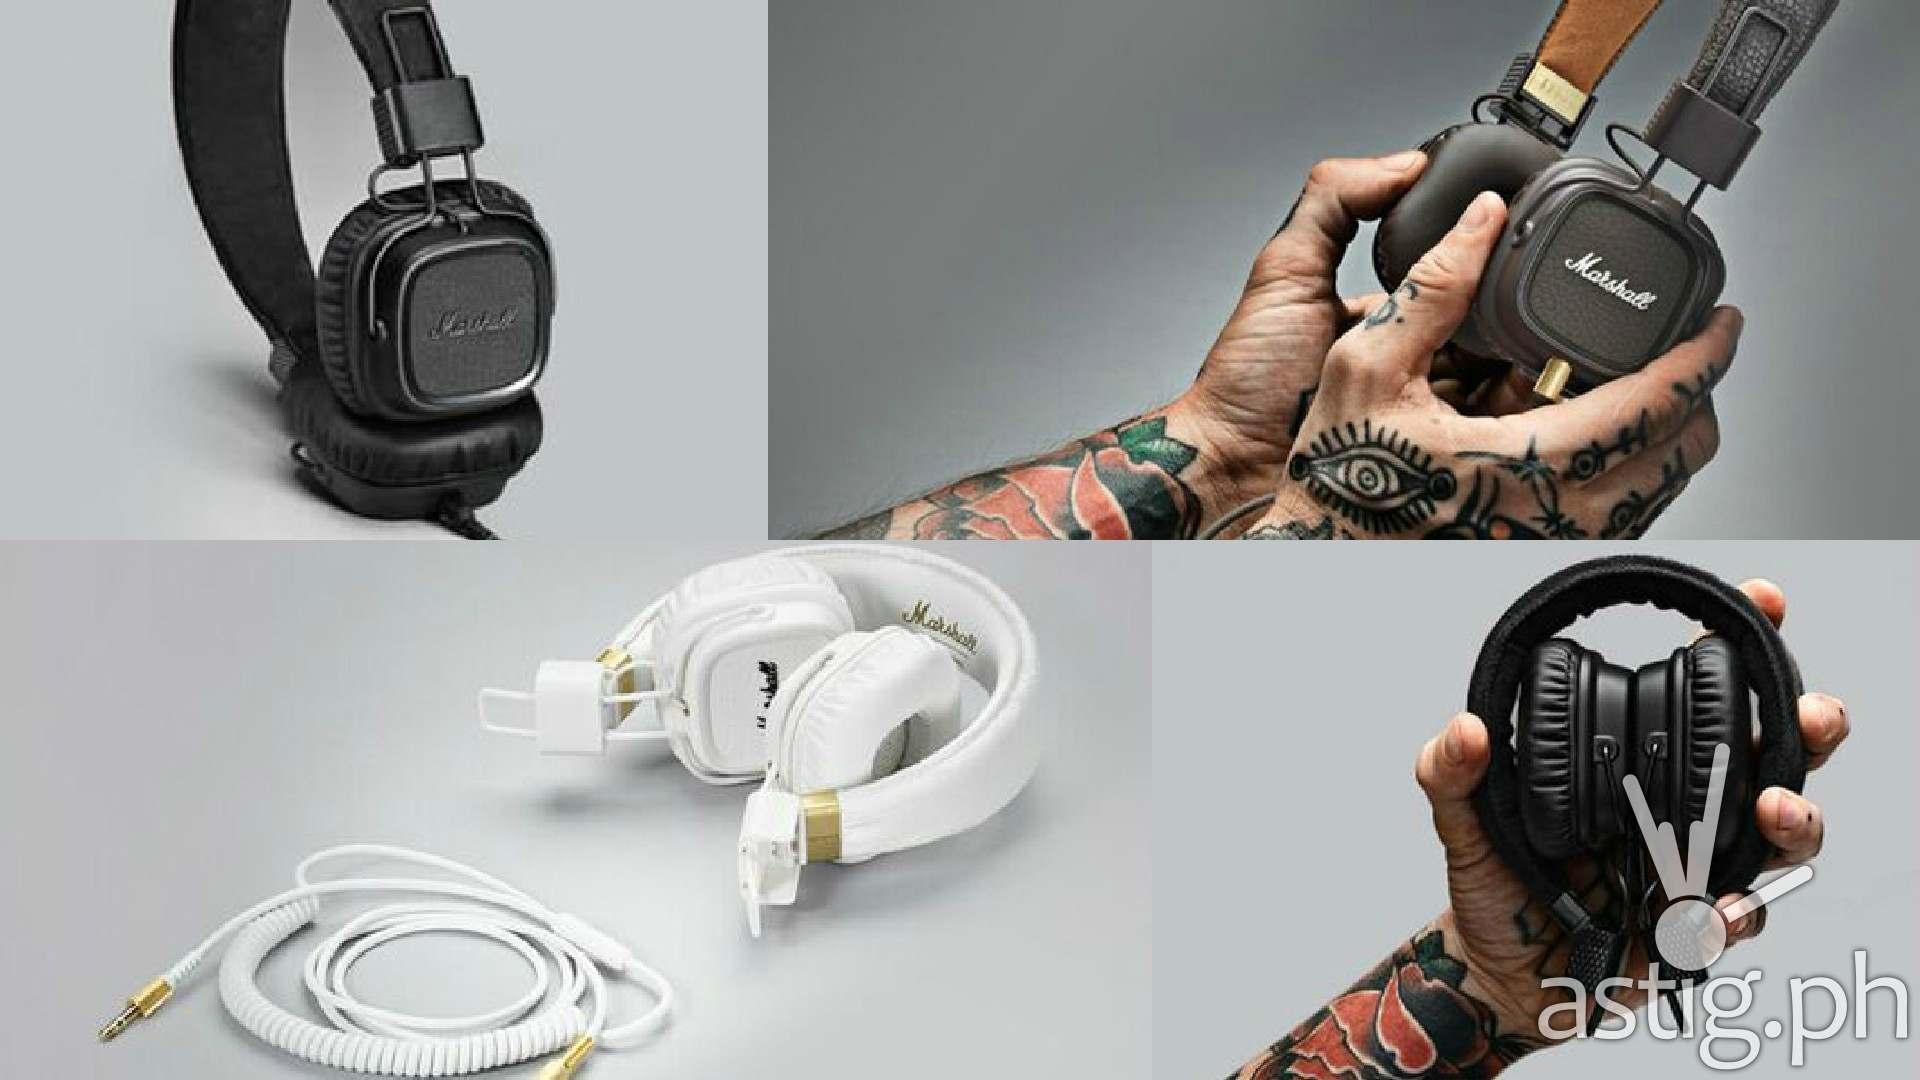 Marshall Major 2 over the ear headphones